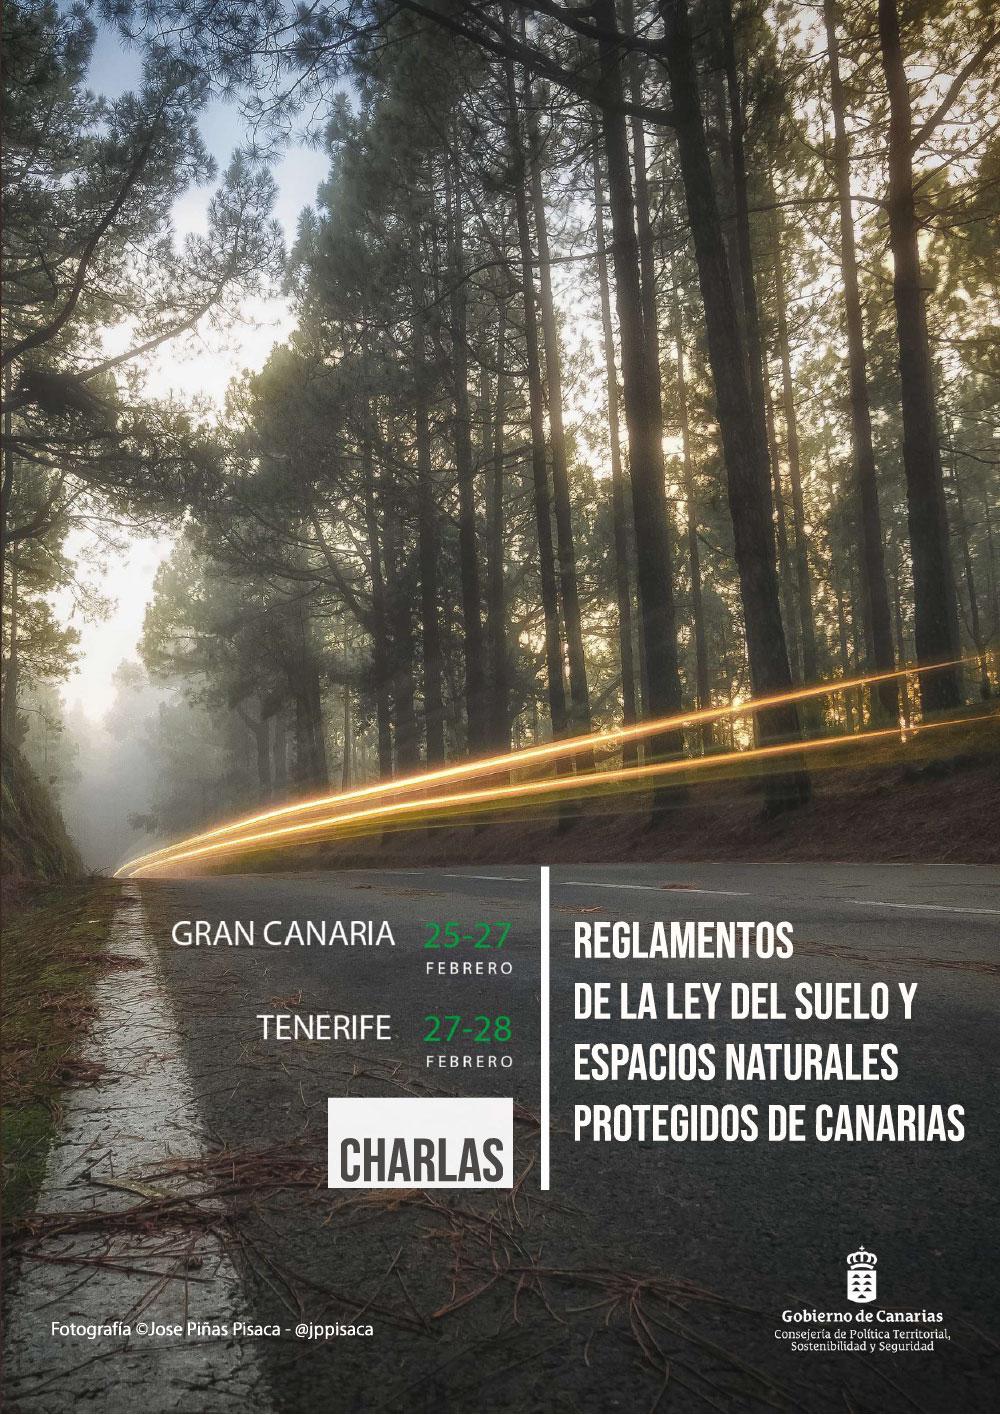 reglamentos de la Ley del Suelo y de los Espacios Naturales Protegidos de Canarias